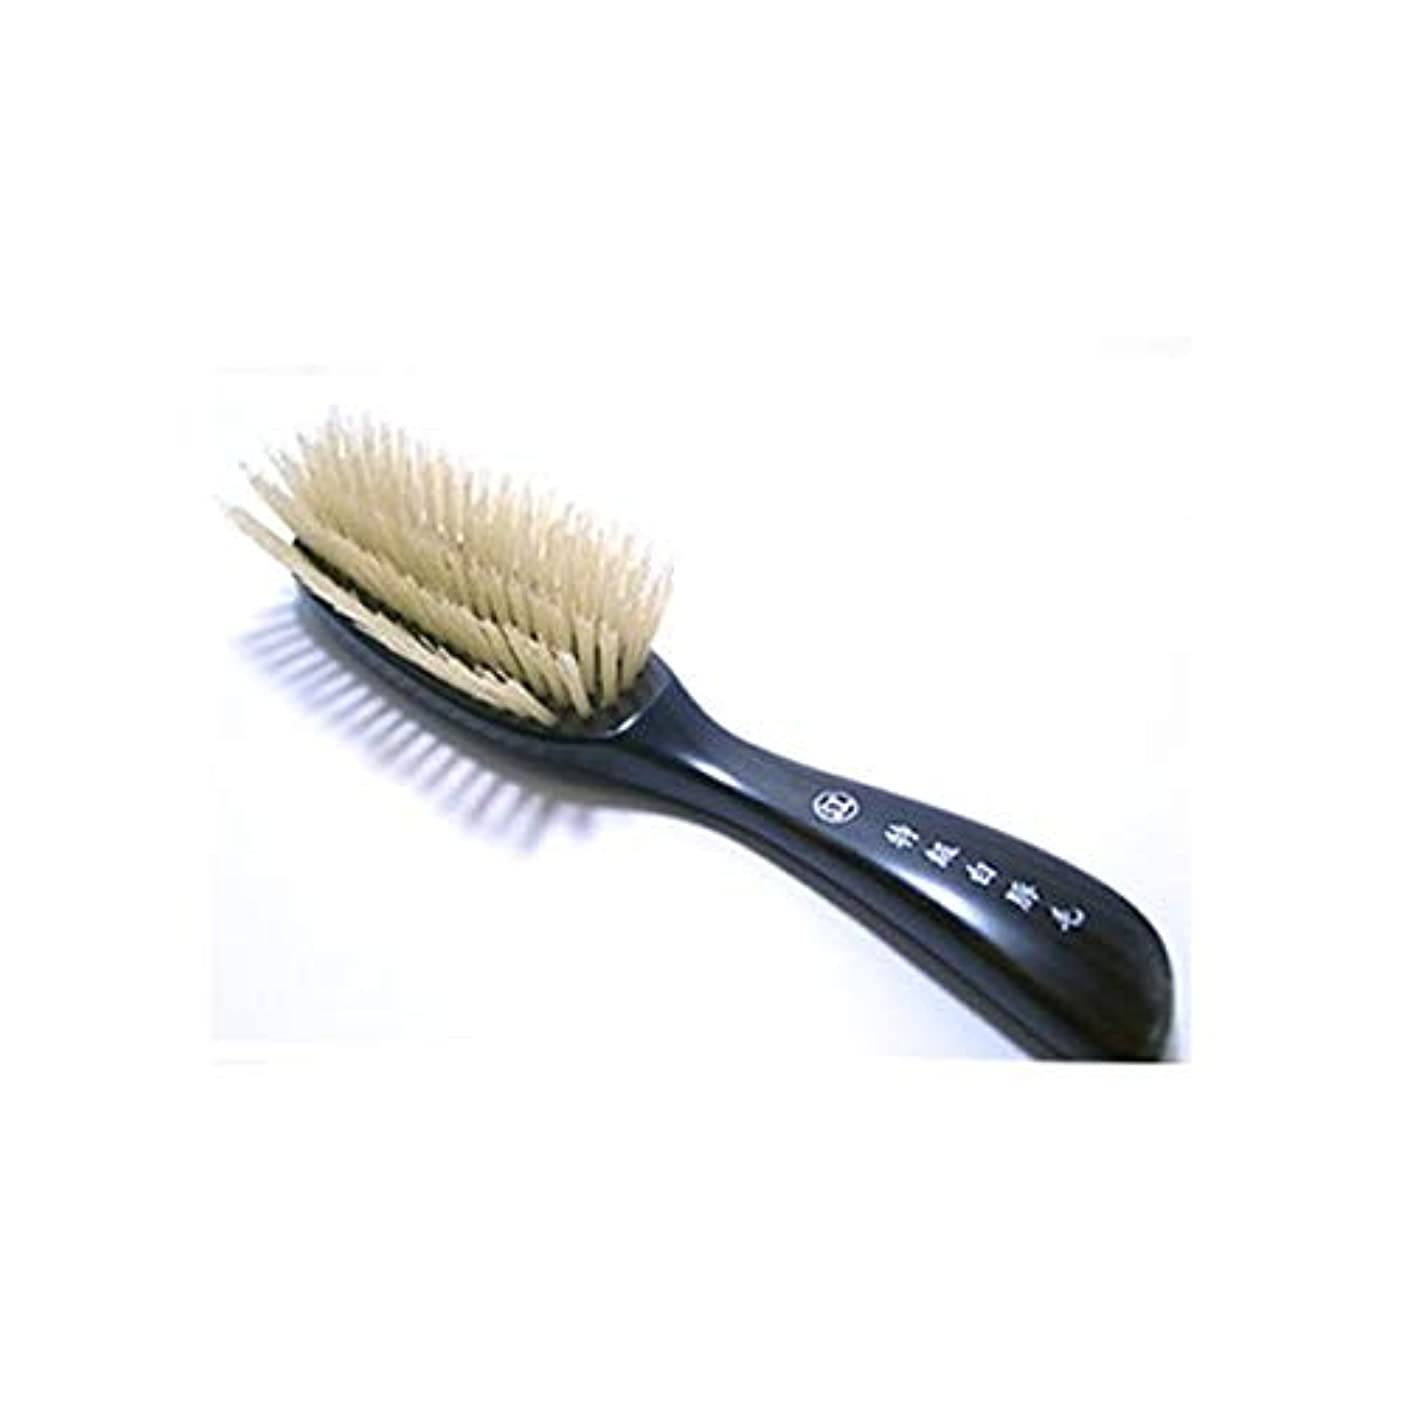 抜け目がないバック節約する特級白豚毛ヘアブラシ6行植え 創業300年江戸屋白豚毛ヘアブラシ 標準の髪ボリュームの方向け 獣毛ヘアブラシ